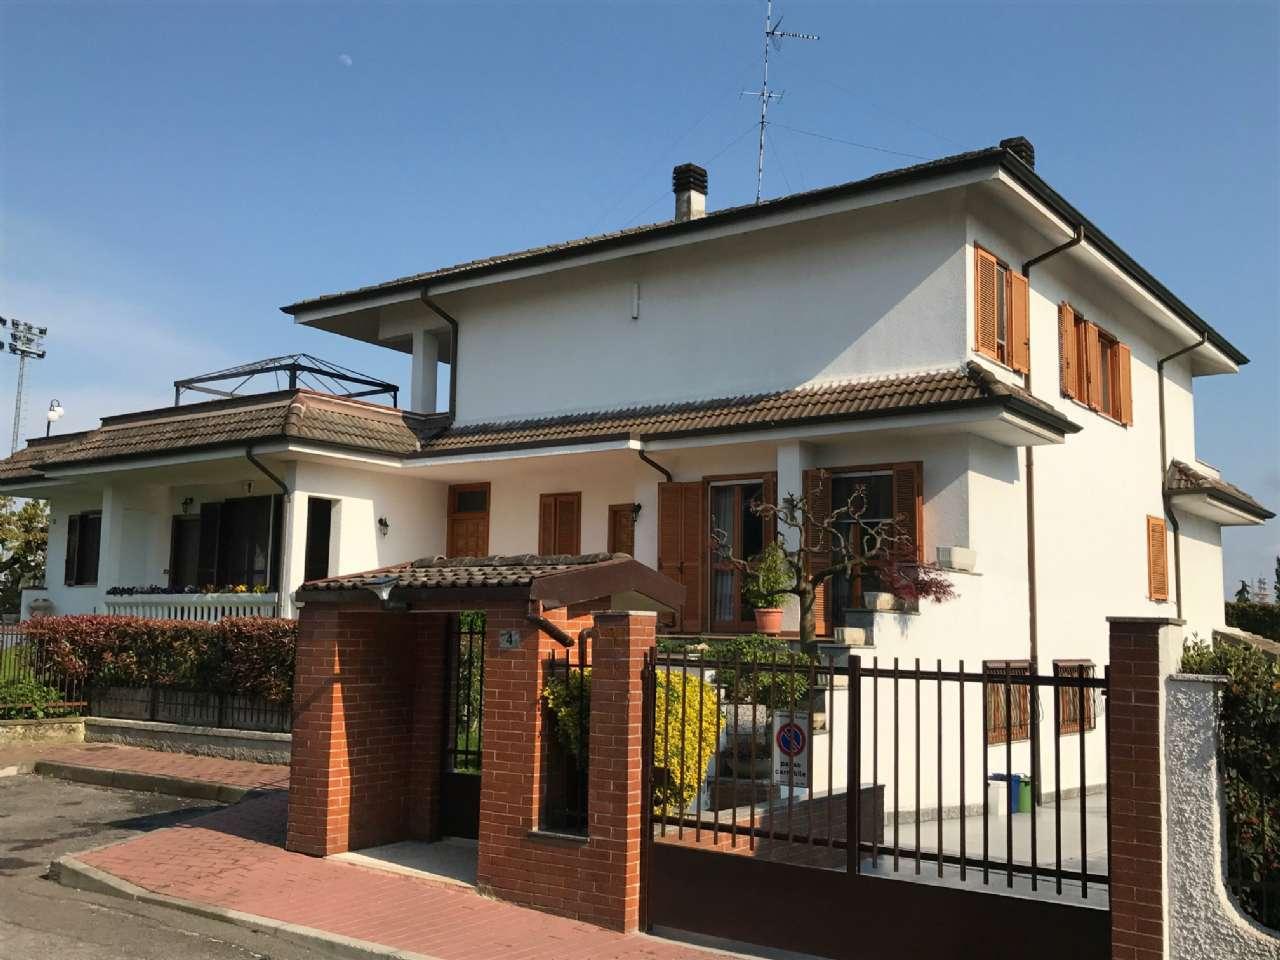 Villa in vendita a Assago, 5 locali, prezzo € 800.000   CambioCasa.it